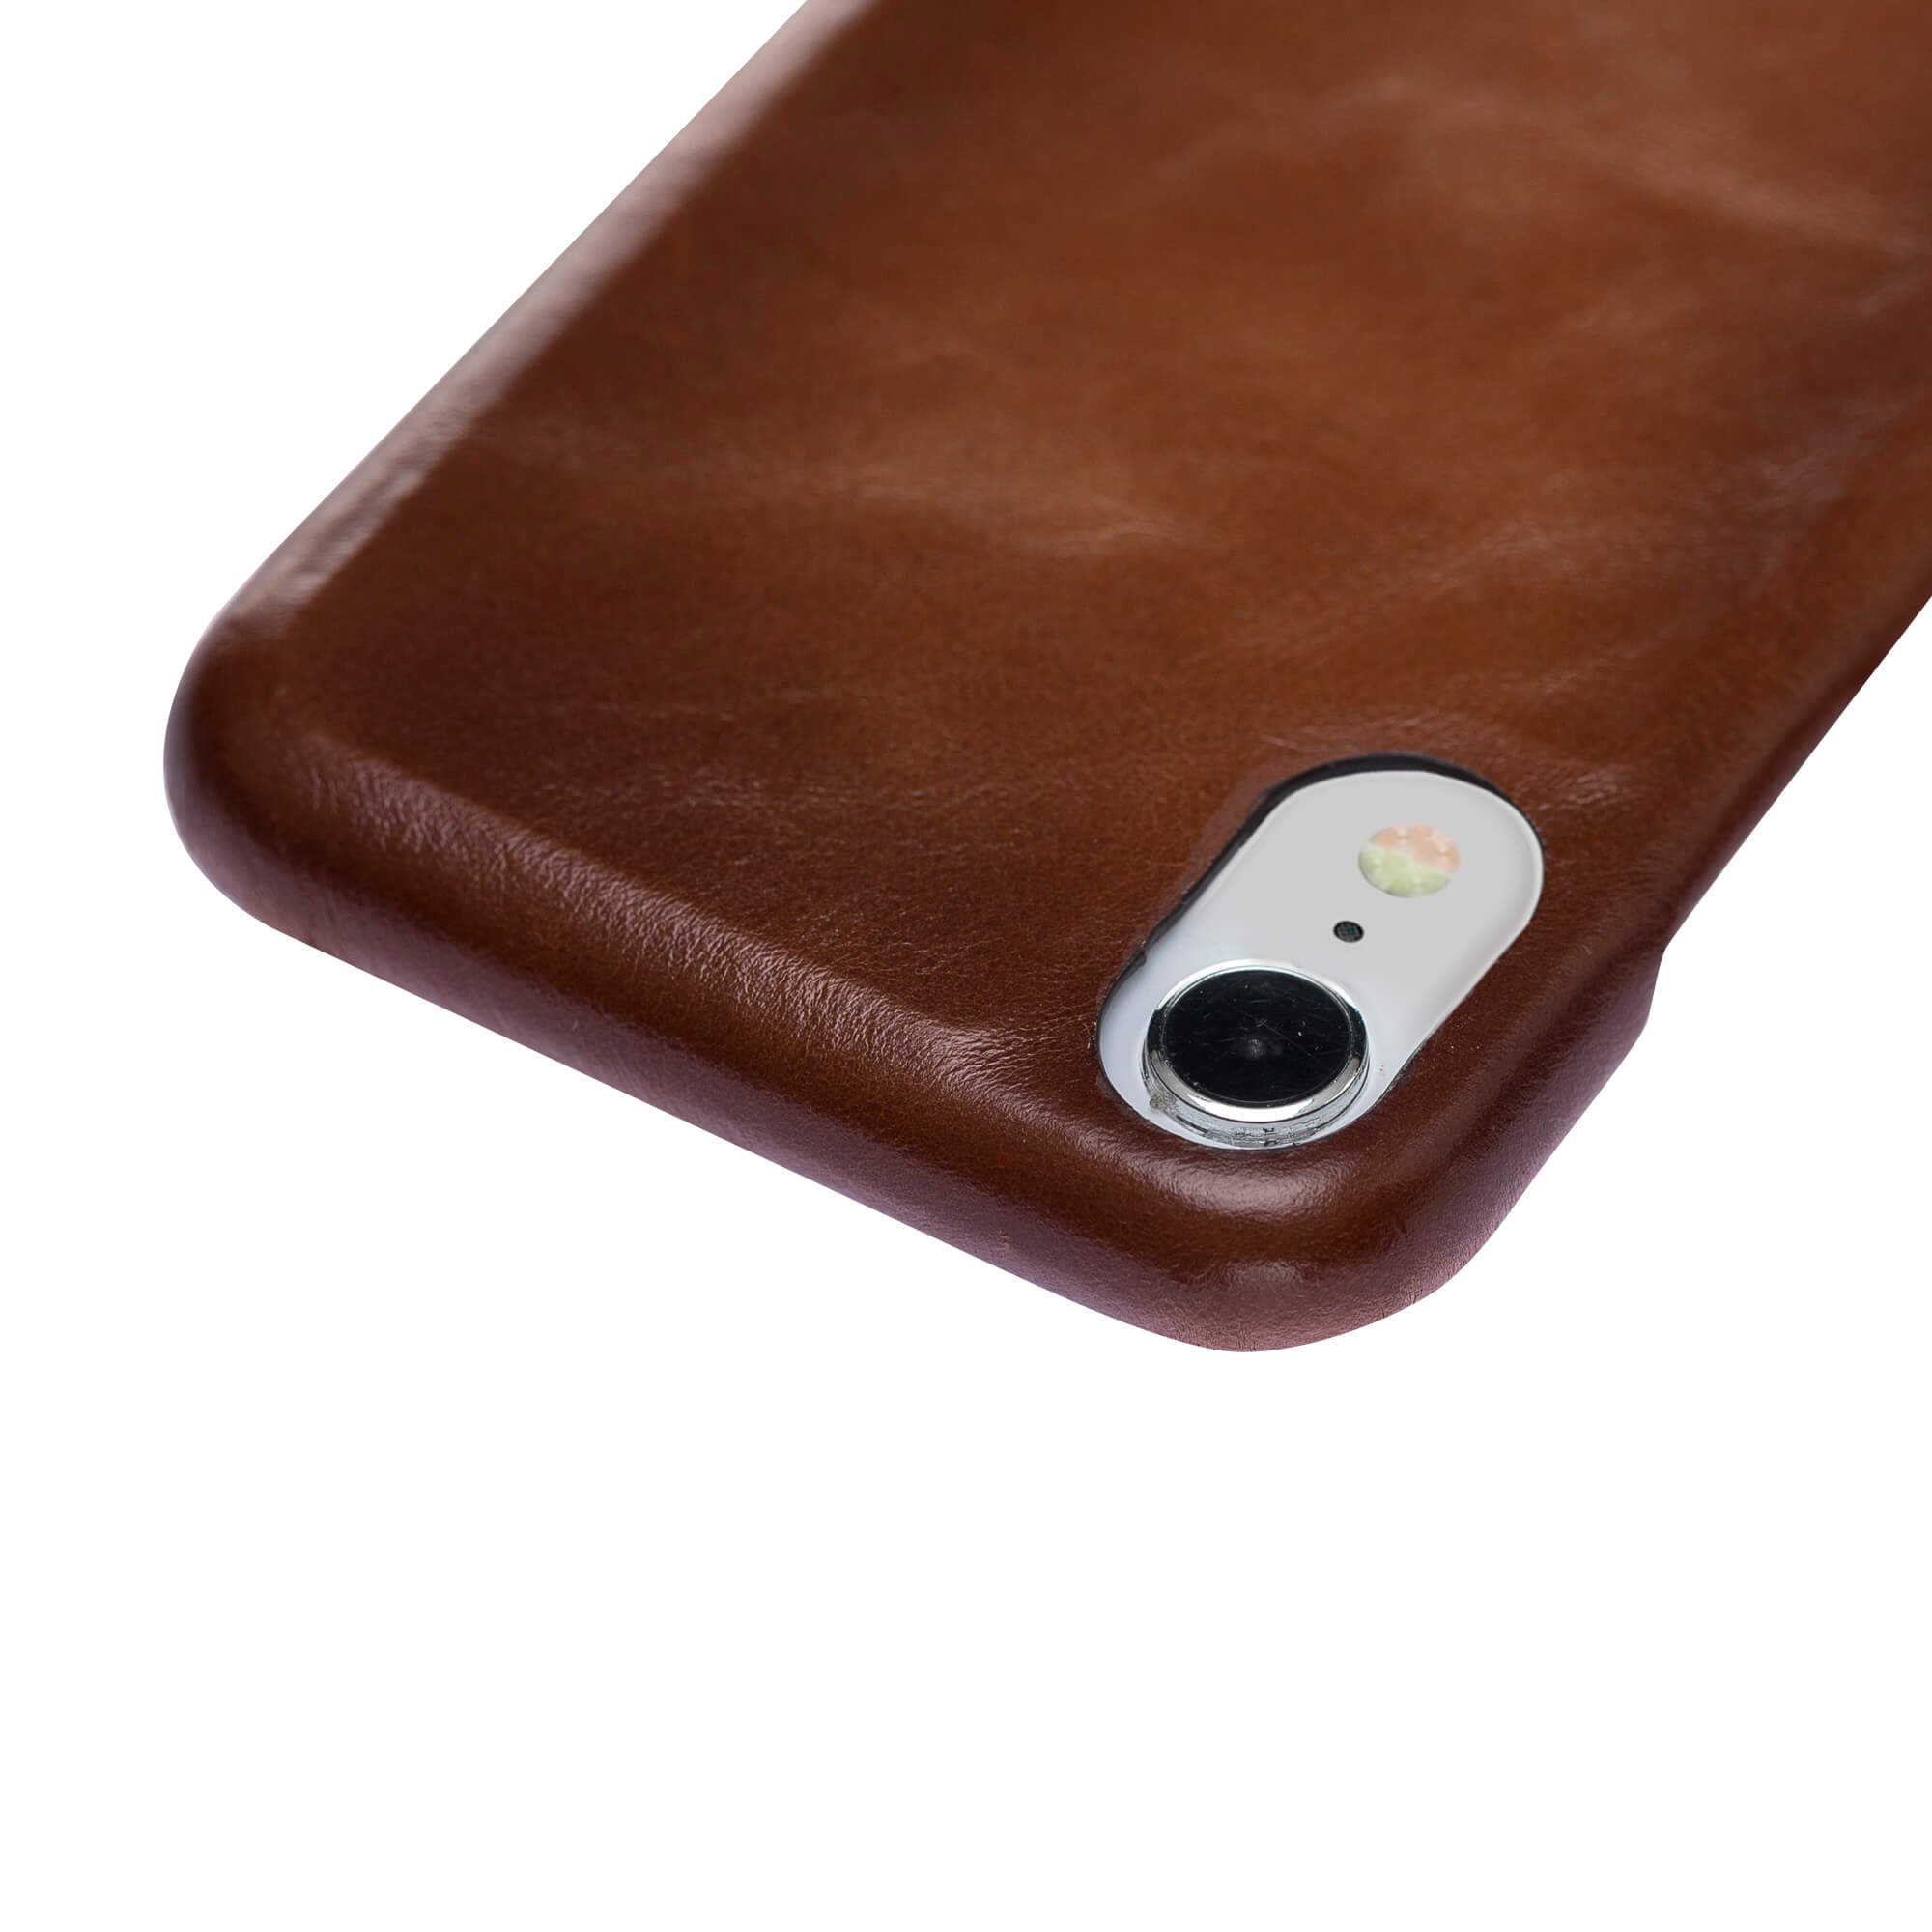 iPhone XR Lederhülle - F360 Fullcover - in Cognac Braun Burned